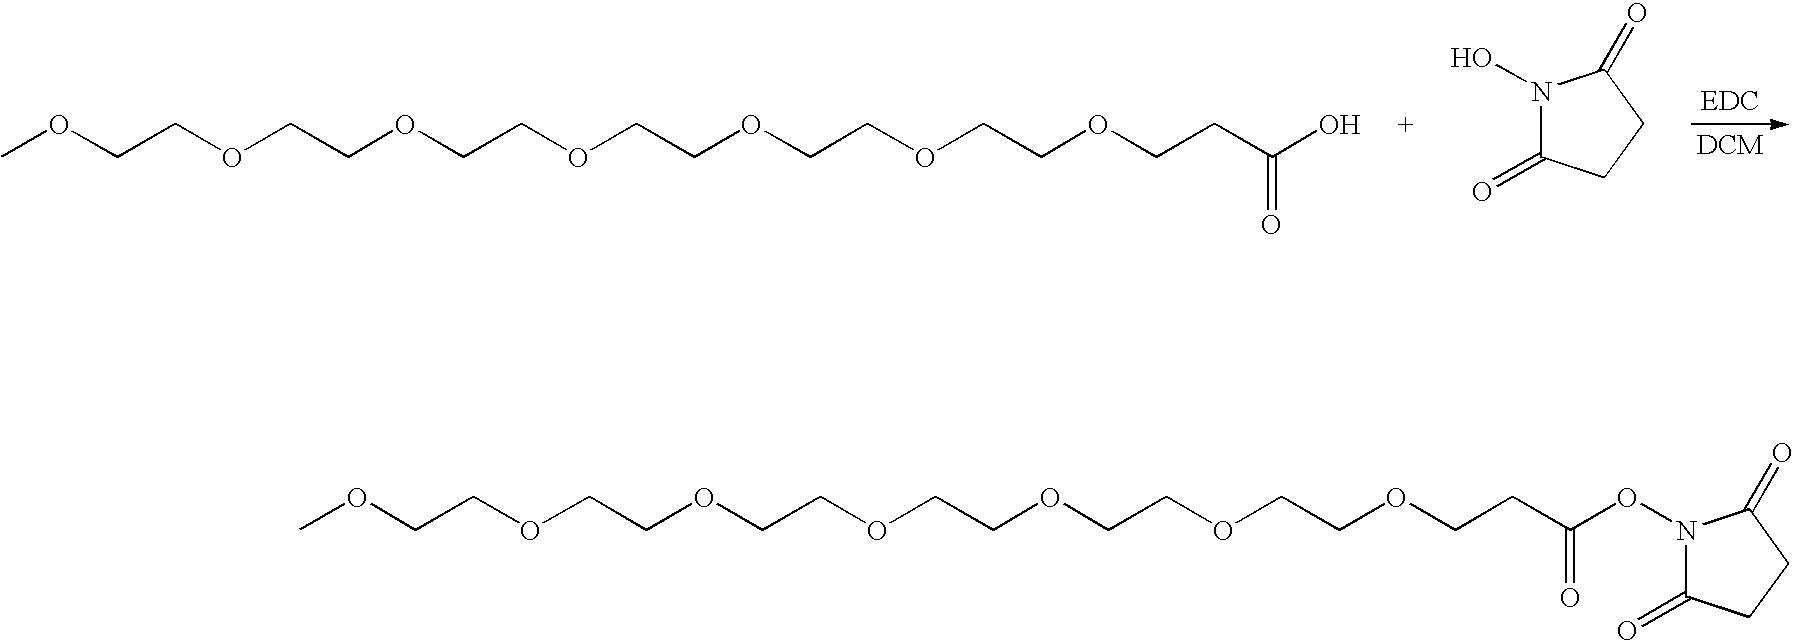 Figure US20100105605A1-20100429-C00018